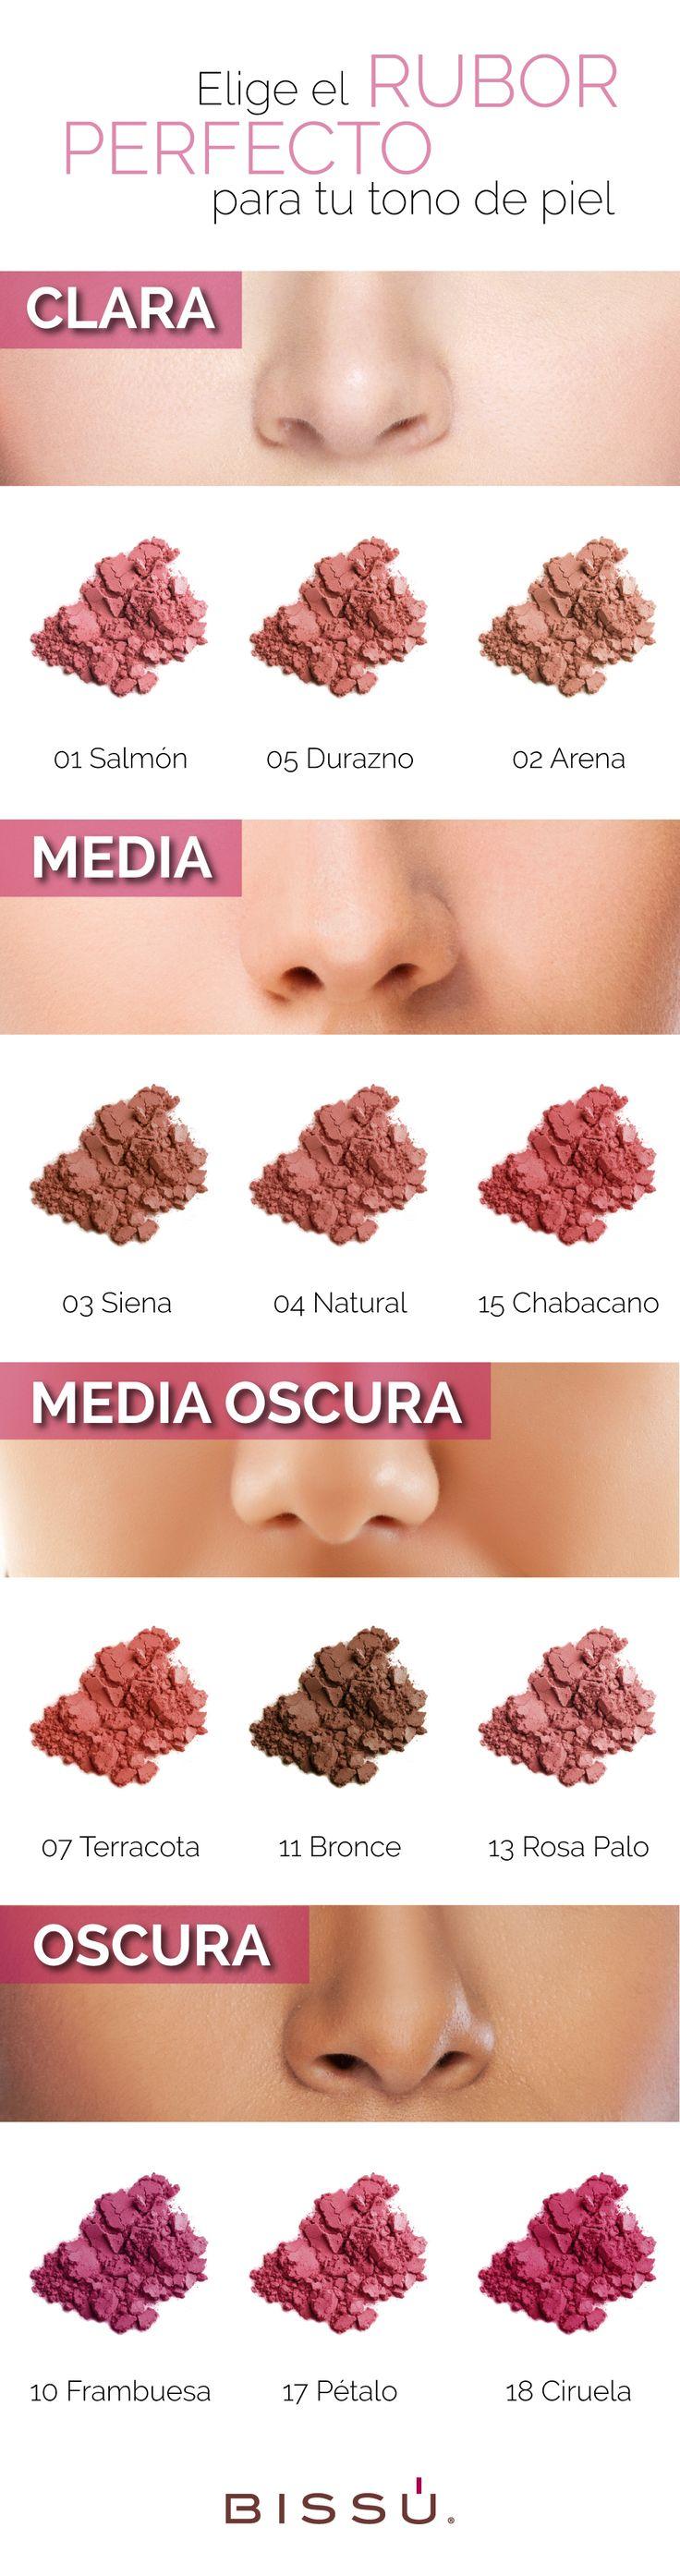 Con mis rubores llena de vida tu rostro. http://tiendaweb.bissu.com/rostro/27-rubor-profesional.html